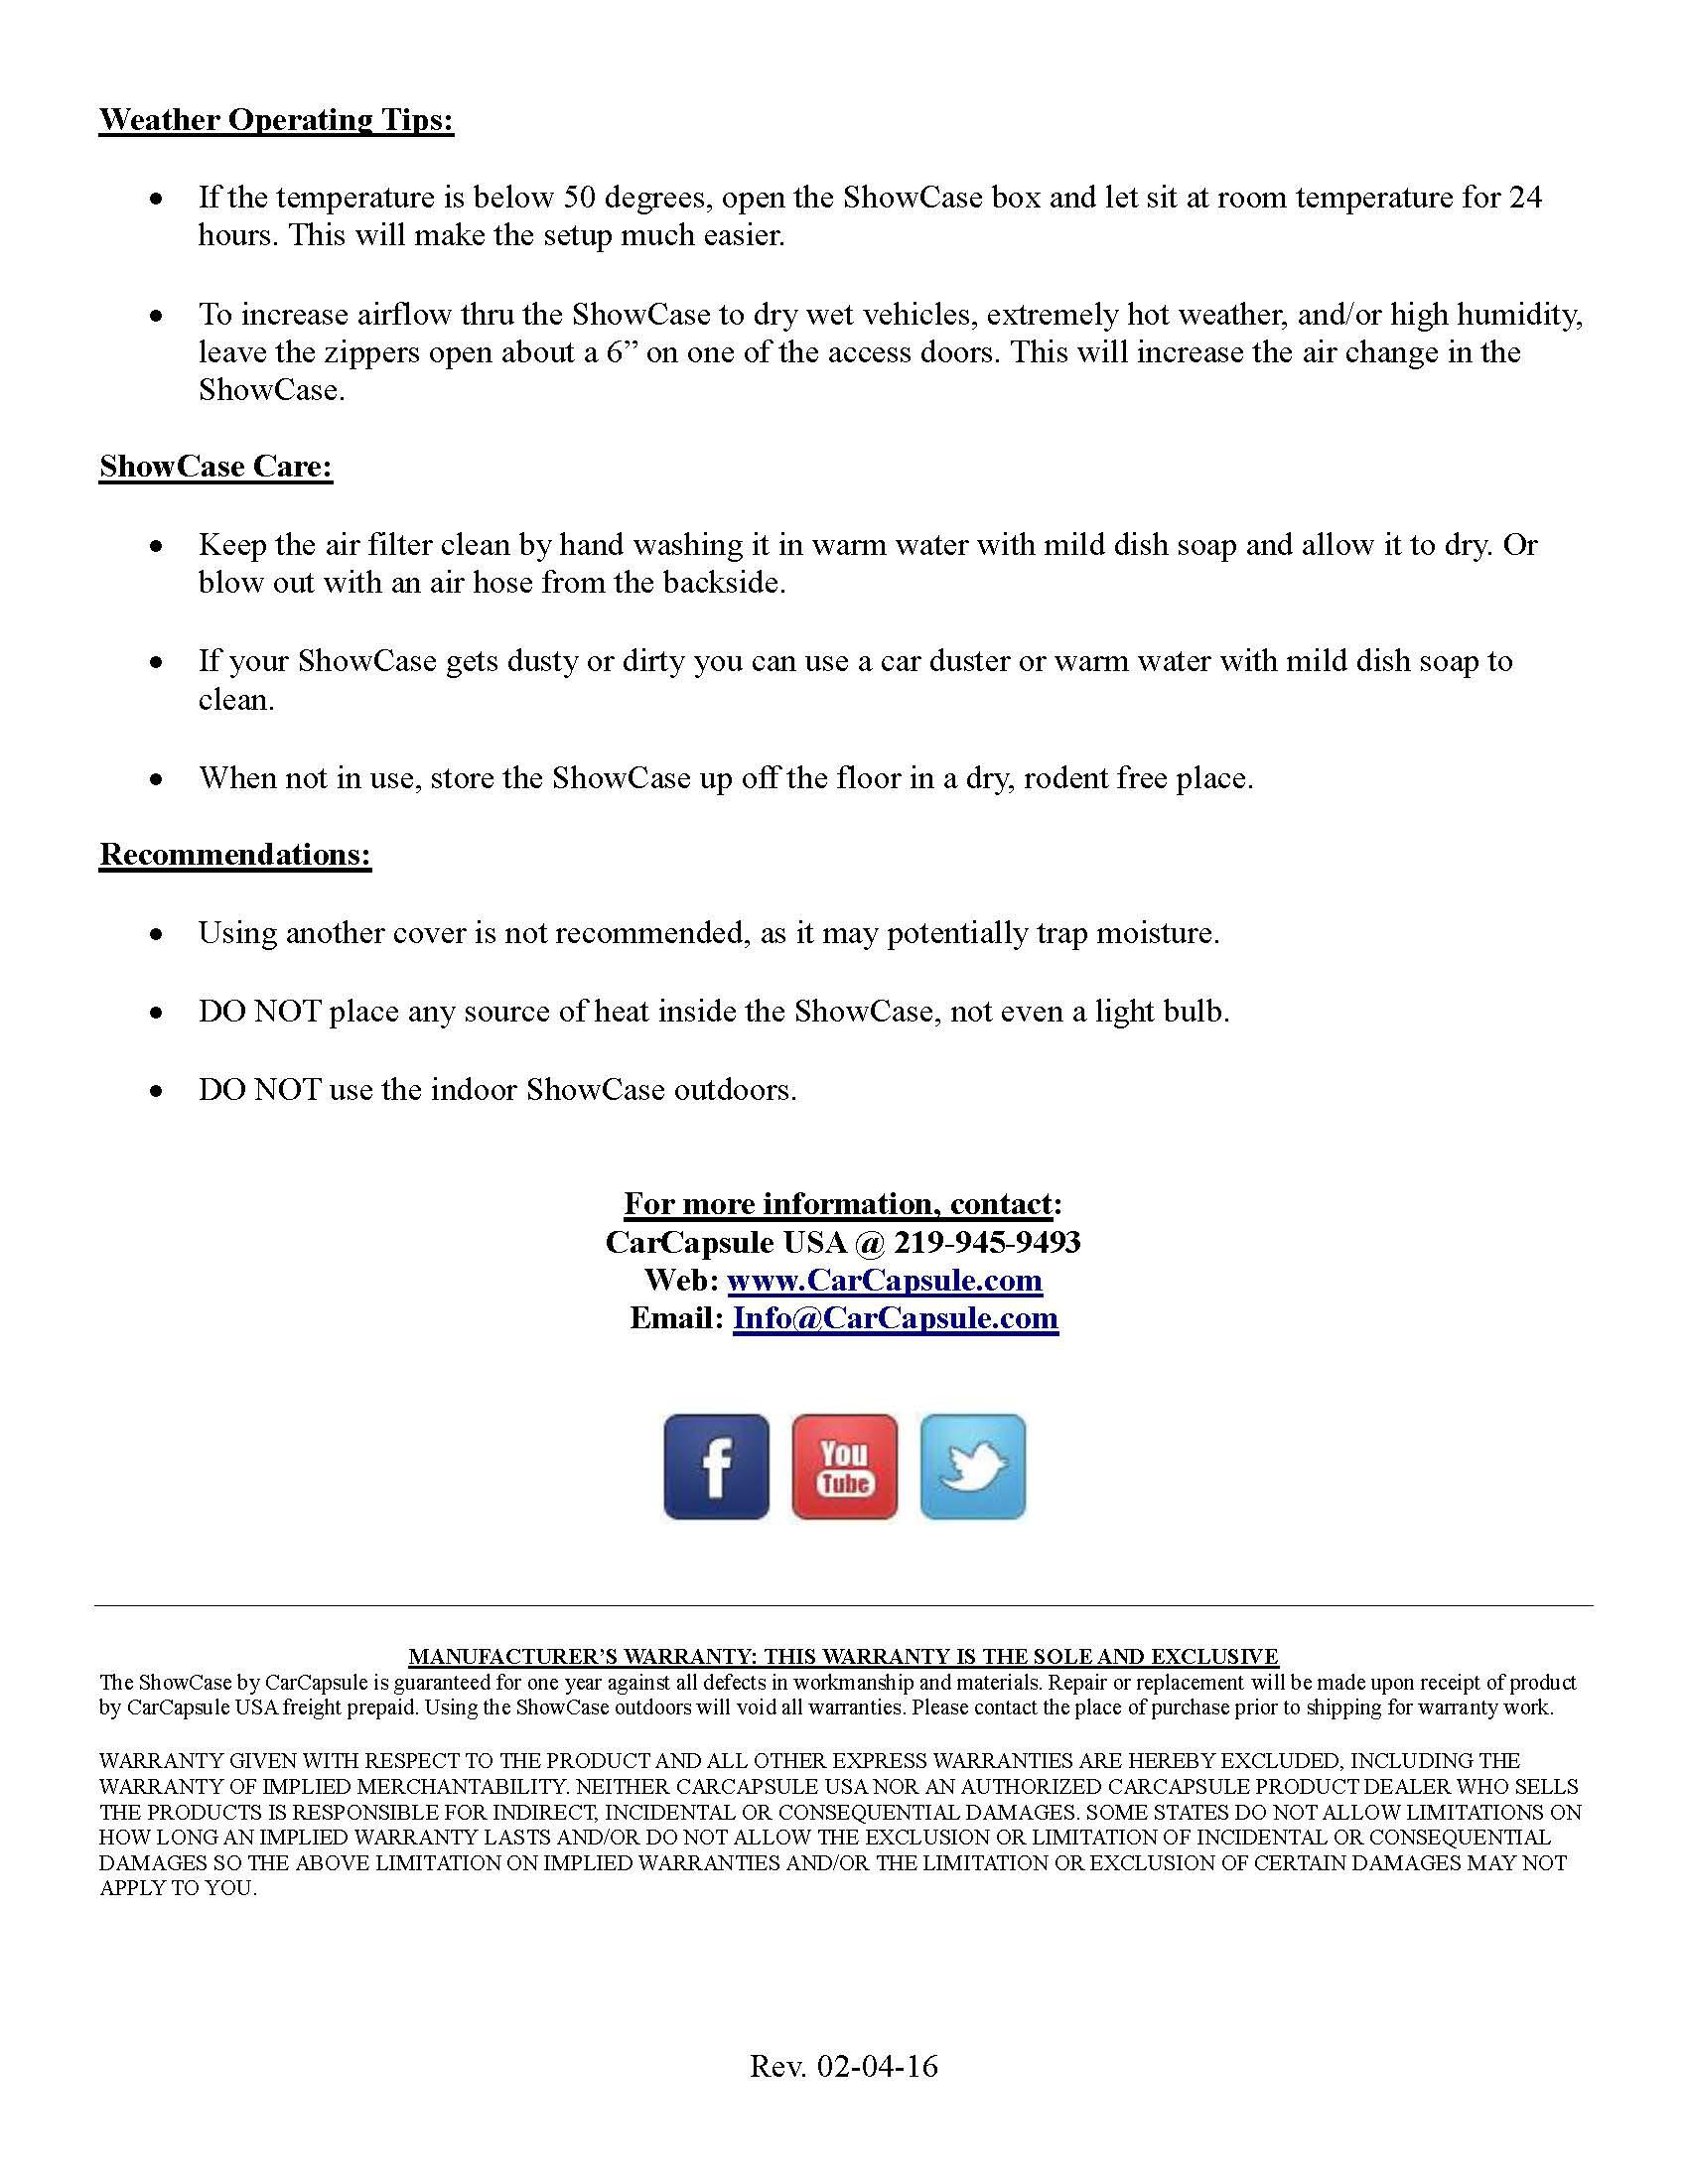 indoorbikeshowcaseinstructions-page-2.jpg